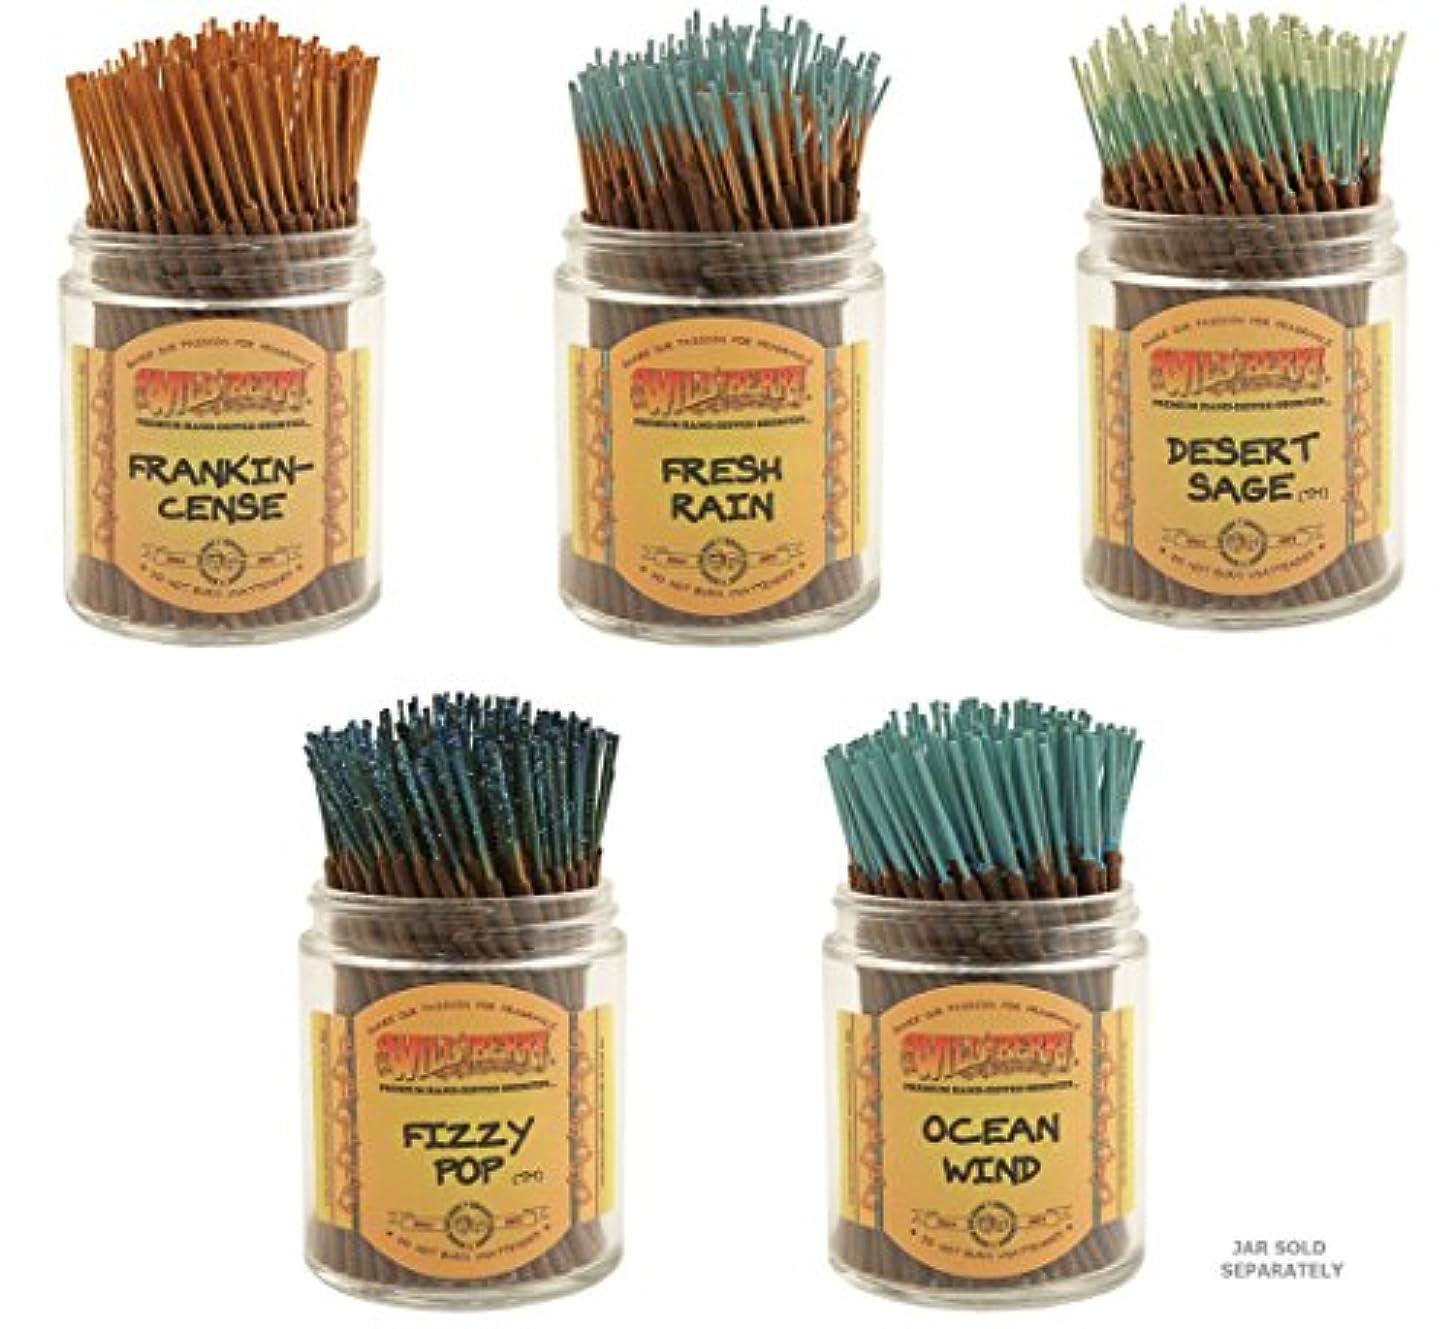 耐えられる同種のシードWildberry Short Incense Sticks – Set of 5秋Fragrances – 砂漠セージ、Fizzy Pop , Frankincenseフレッシュ、雨、海洋風( 100各パック、合計500...